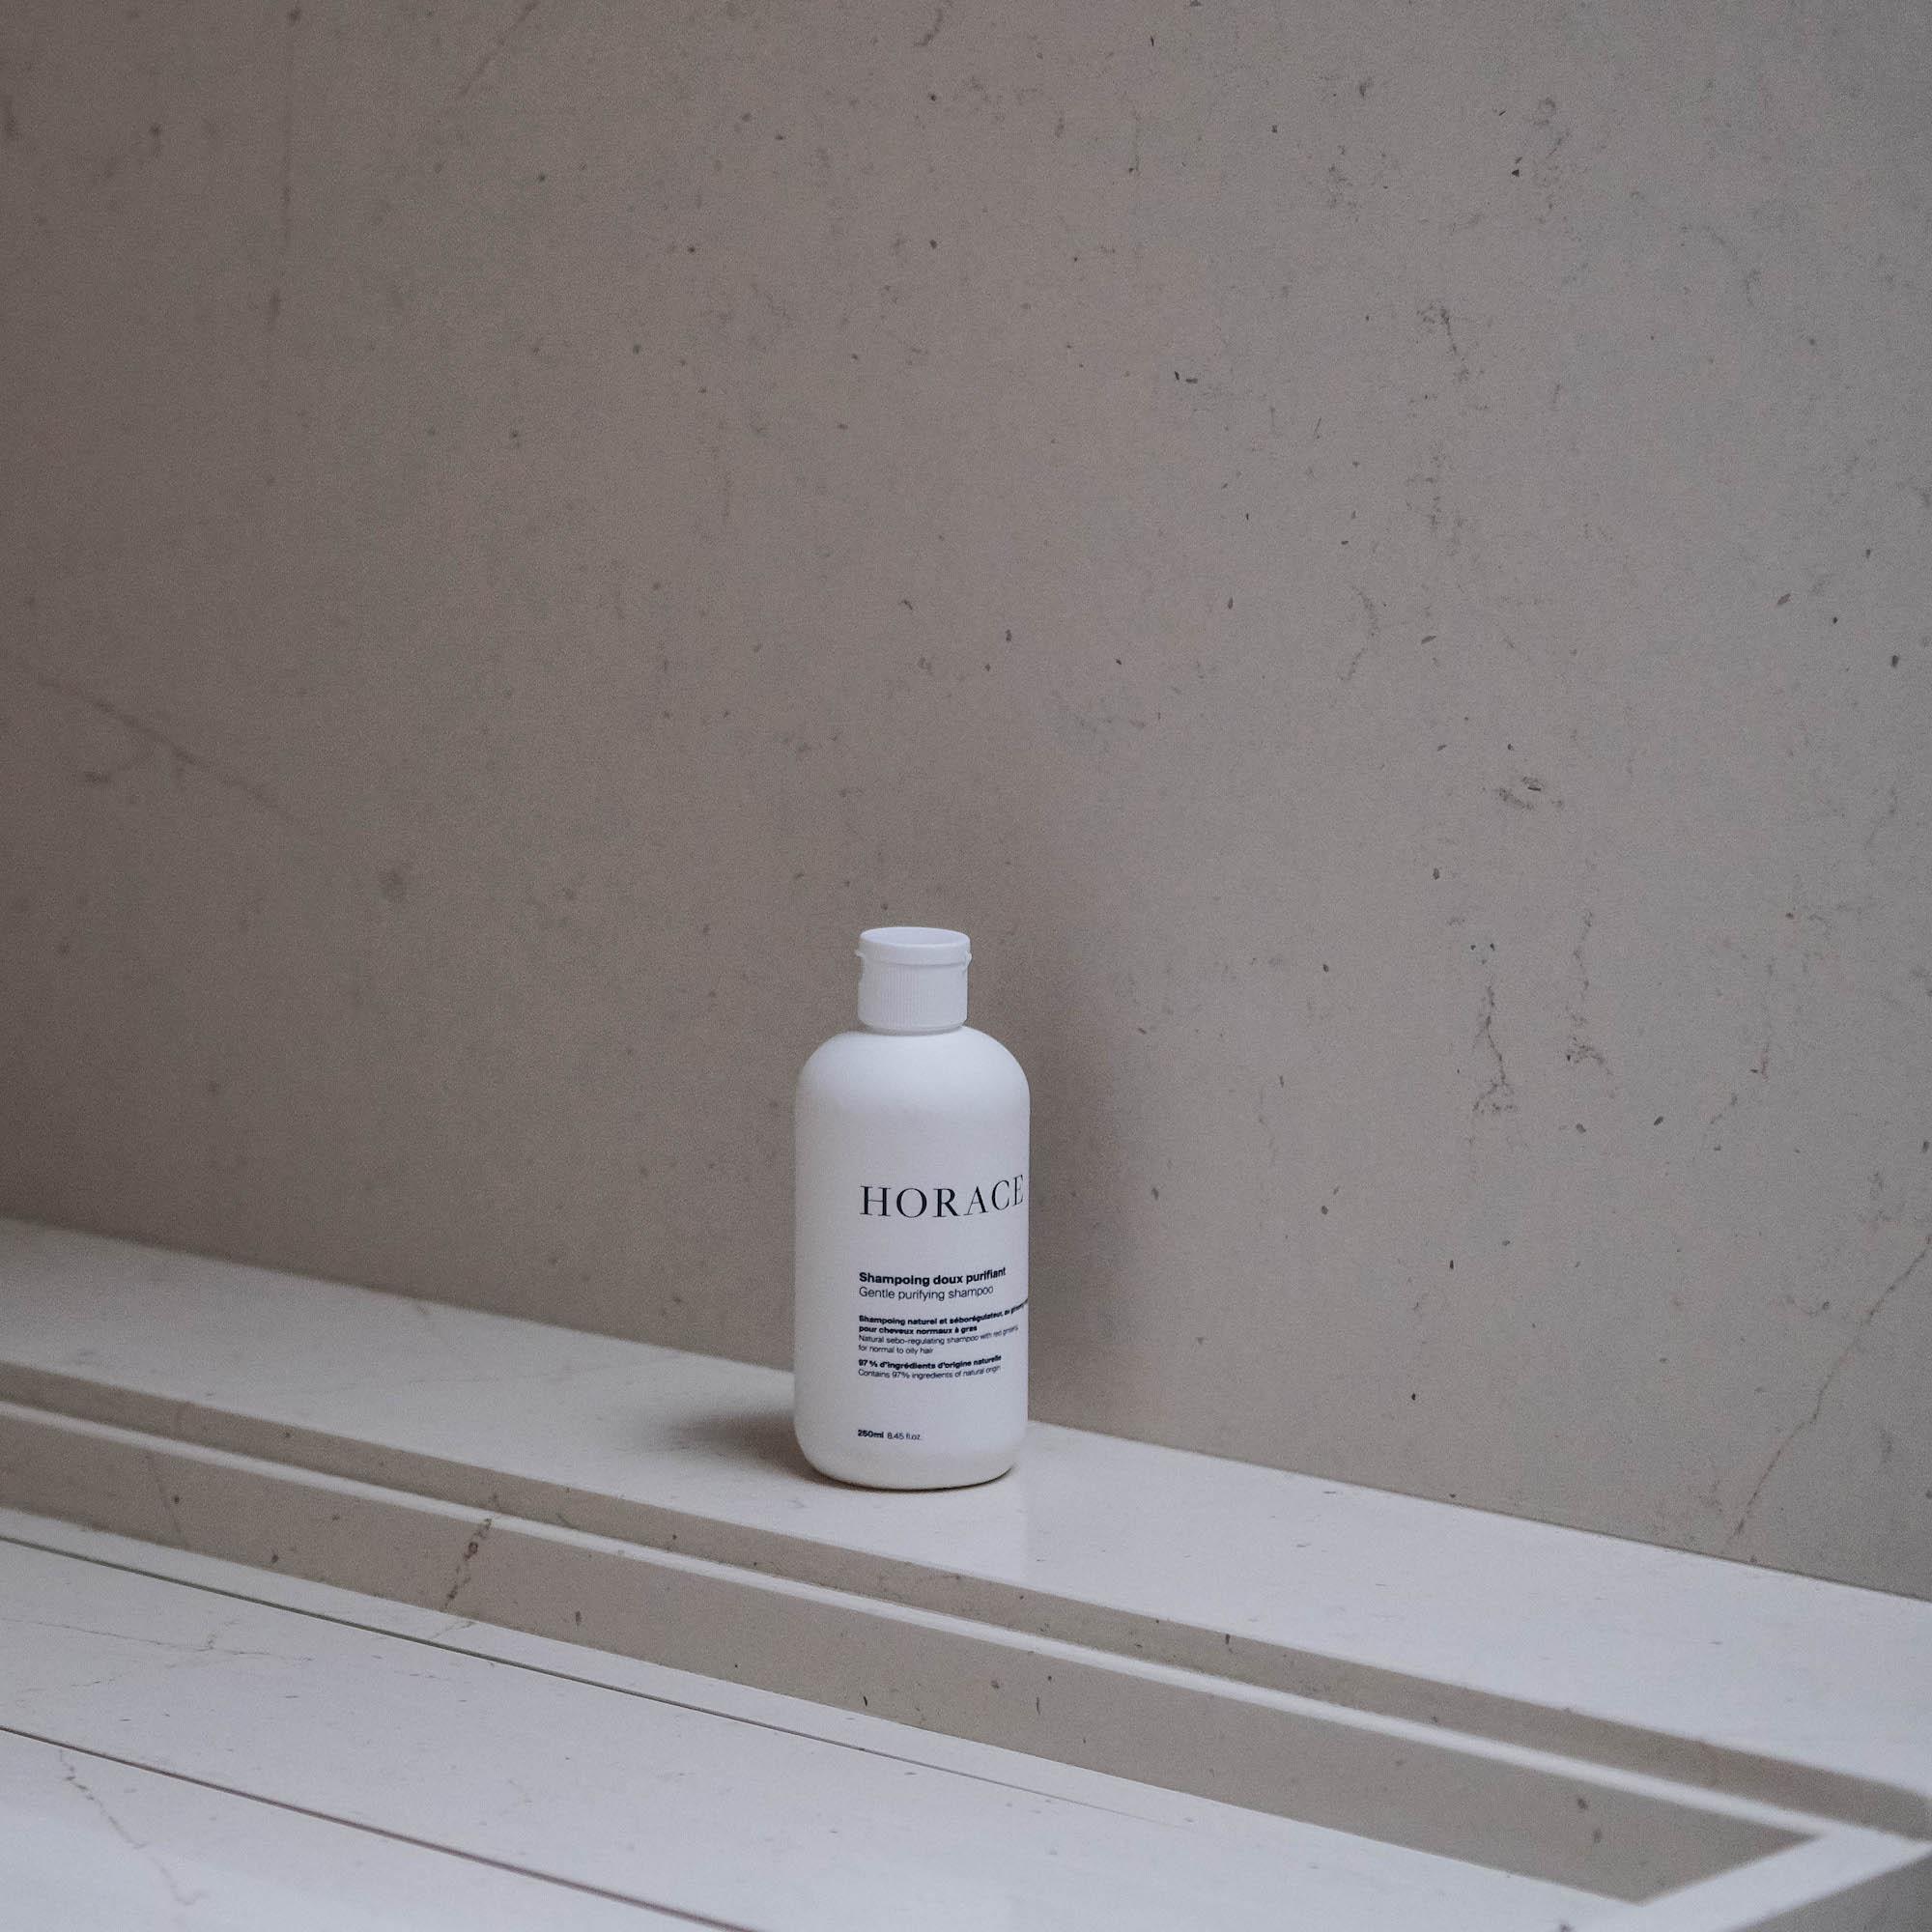 horace shampoing avis